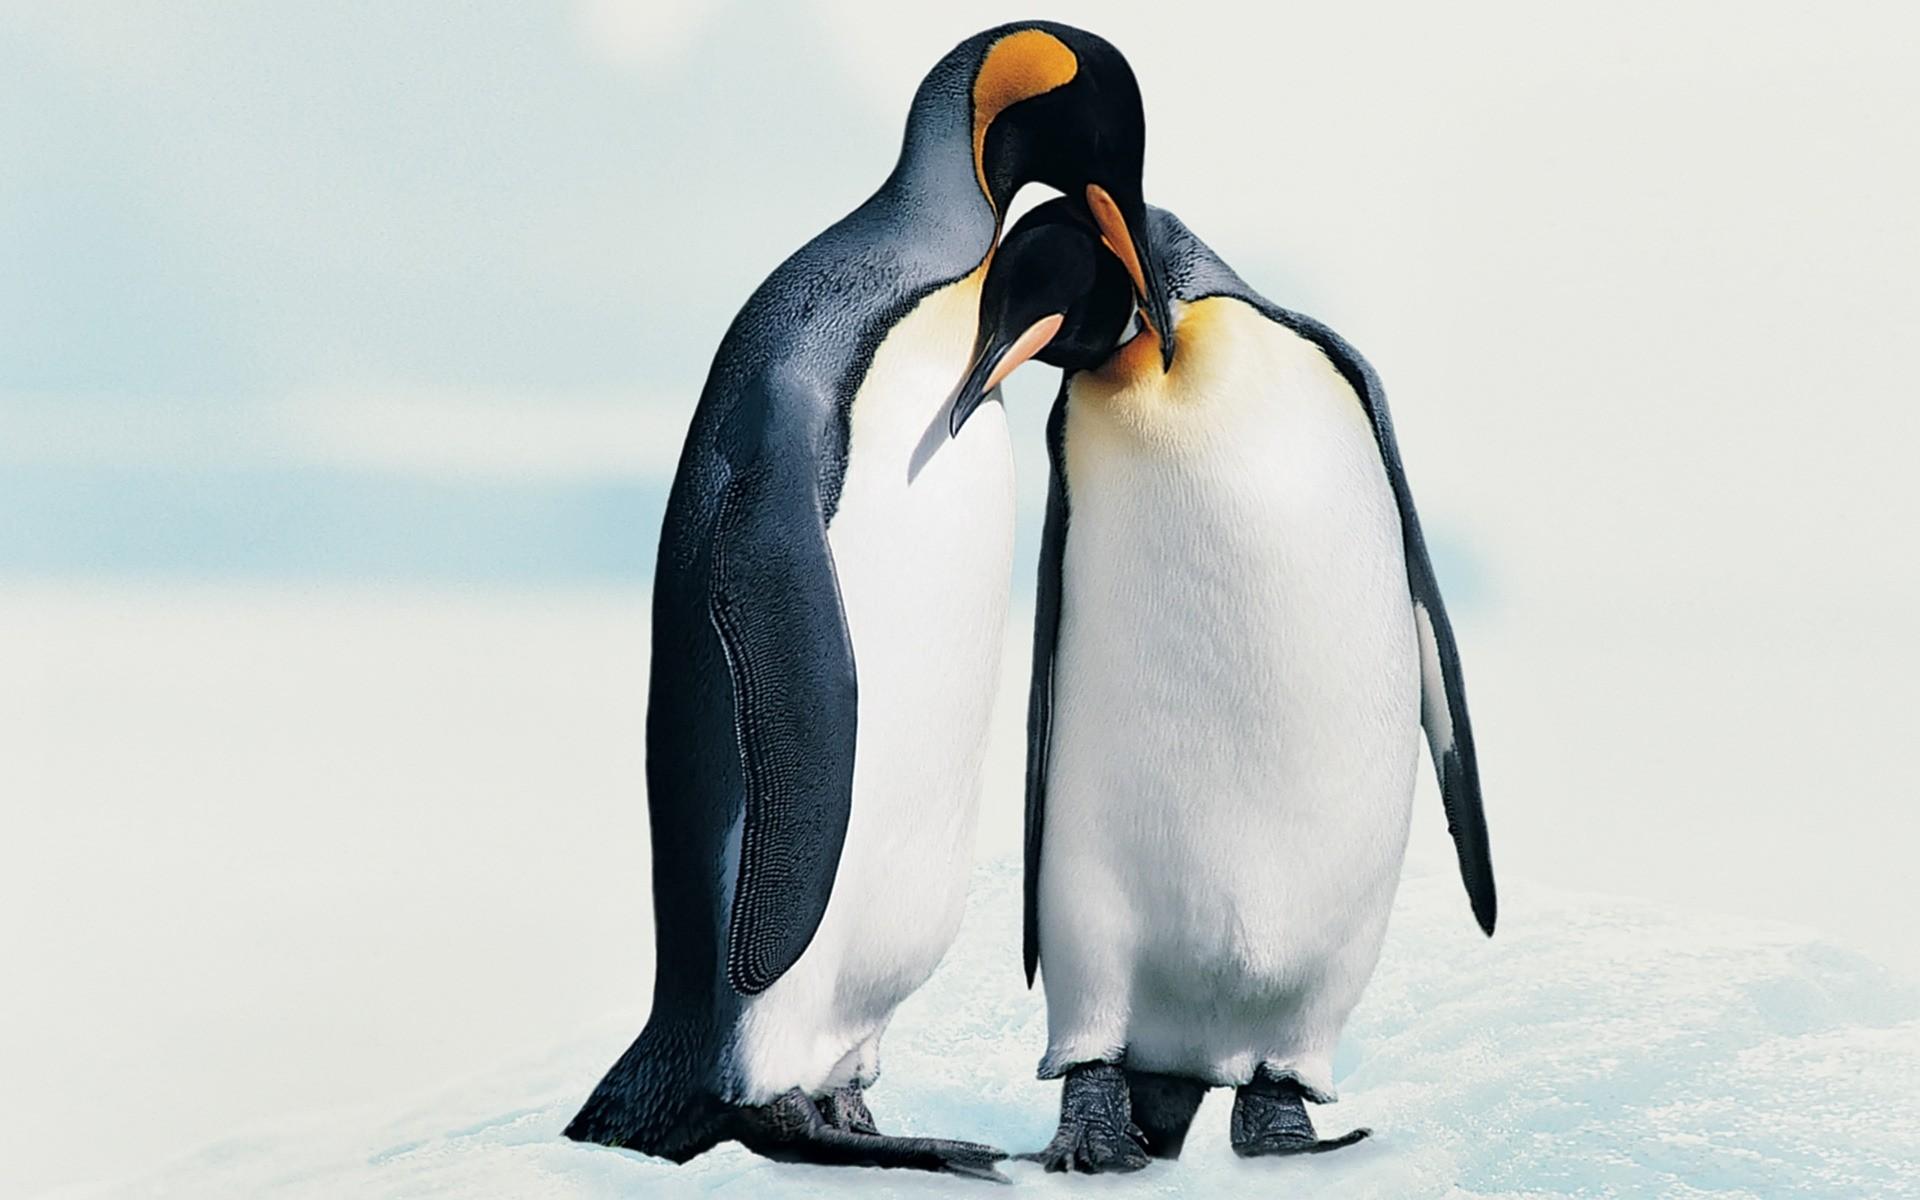 Пингвины на камушках  № 2020614 загрузить